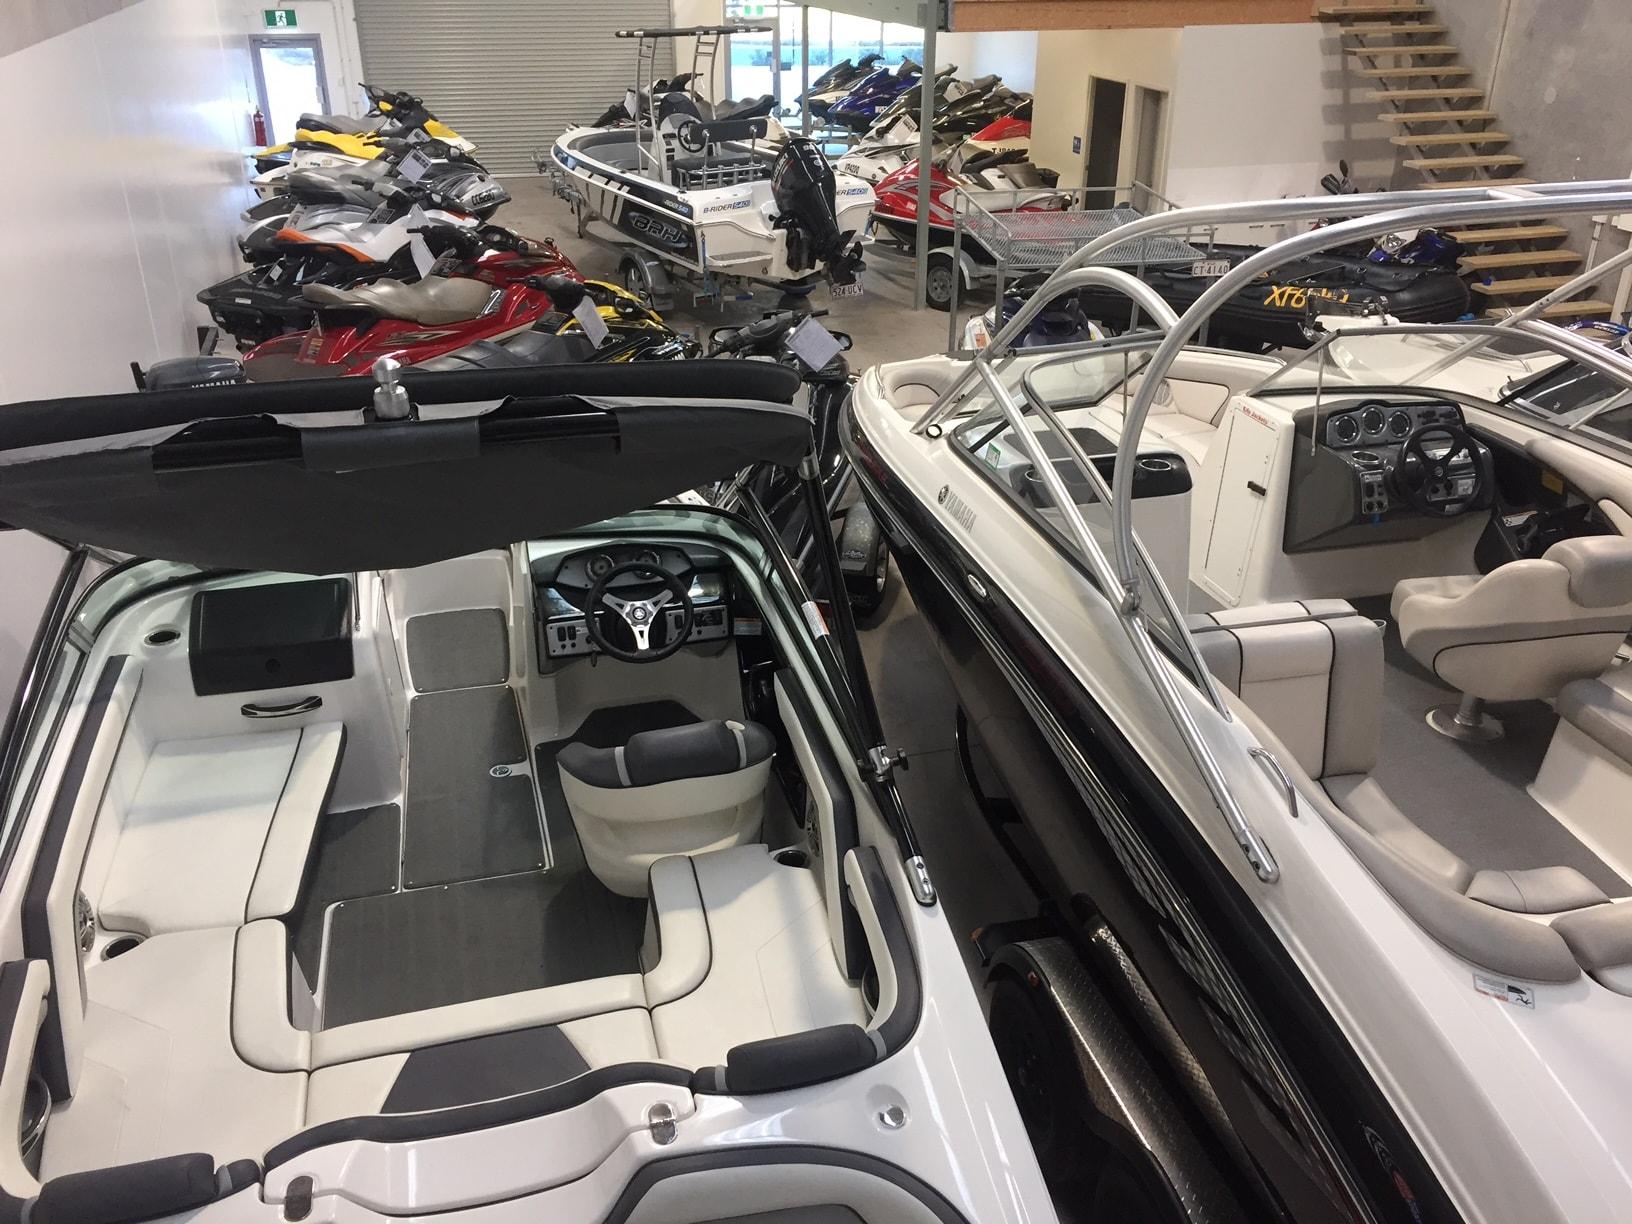 North Coast Suzuki Marine - Boat Motors & Outboards - 10 Claude Boyd